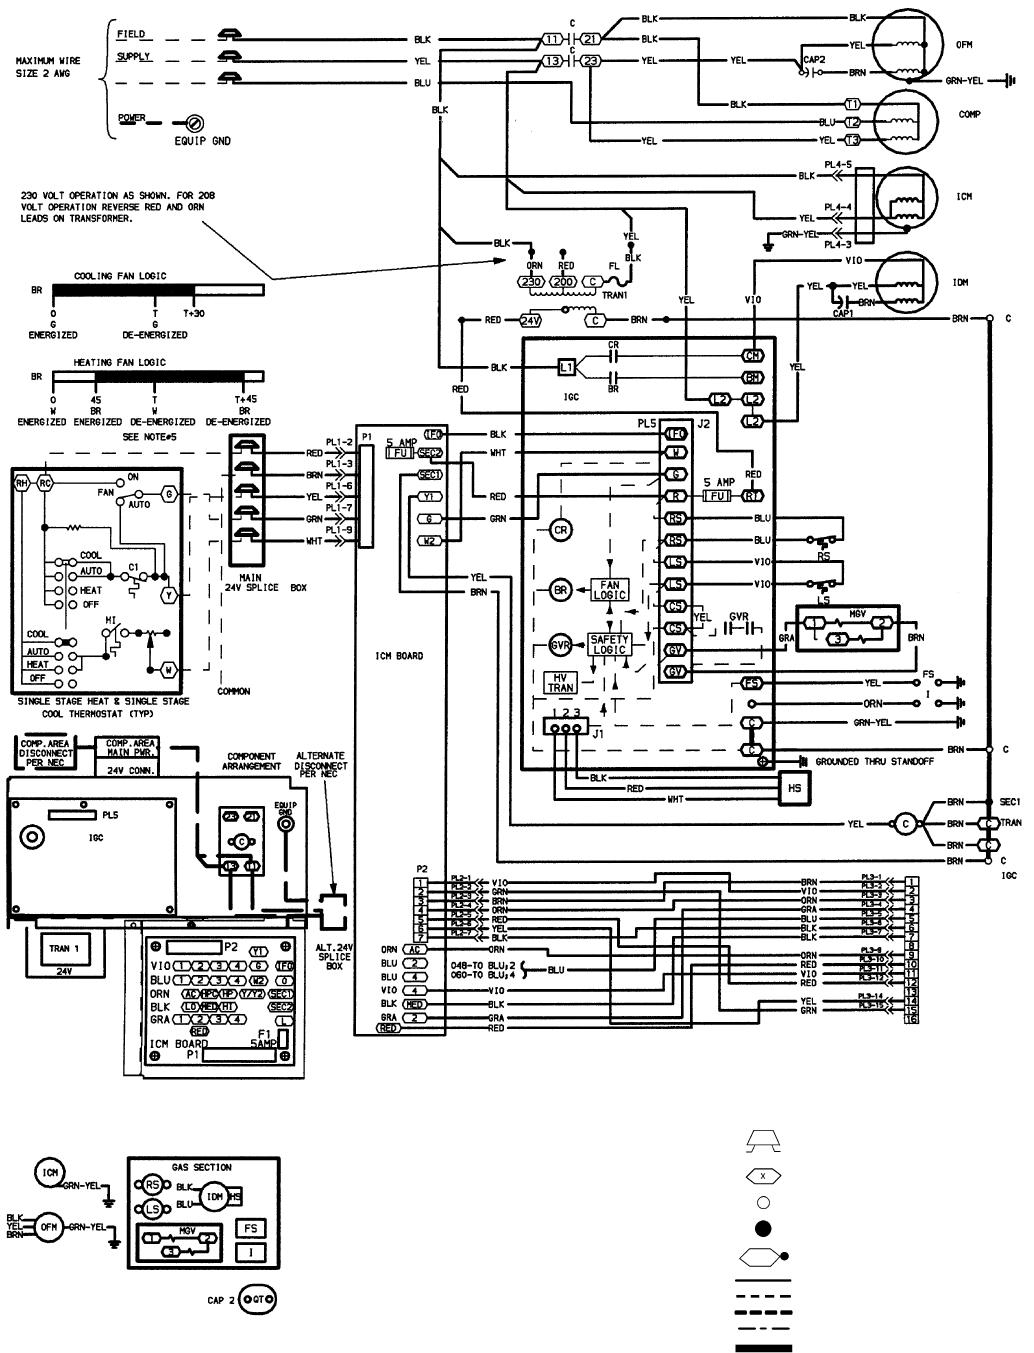 Bryant 588A, 589A Fig. 32 208/230-3-60 Wiring Diagram, Units 589A048,060